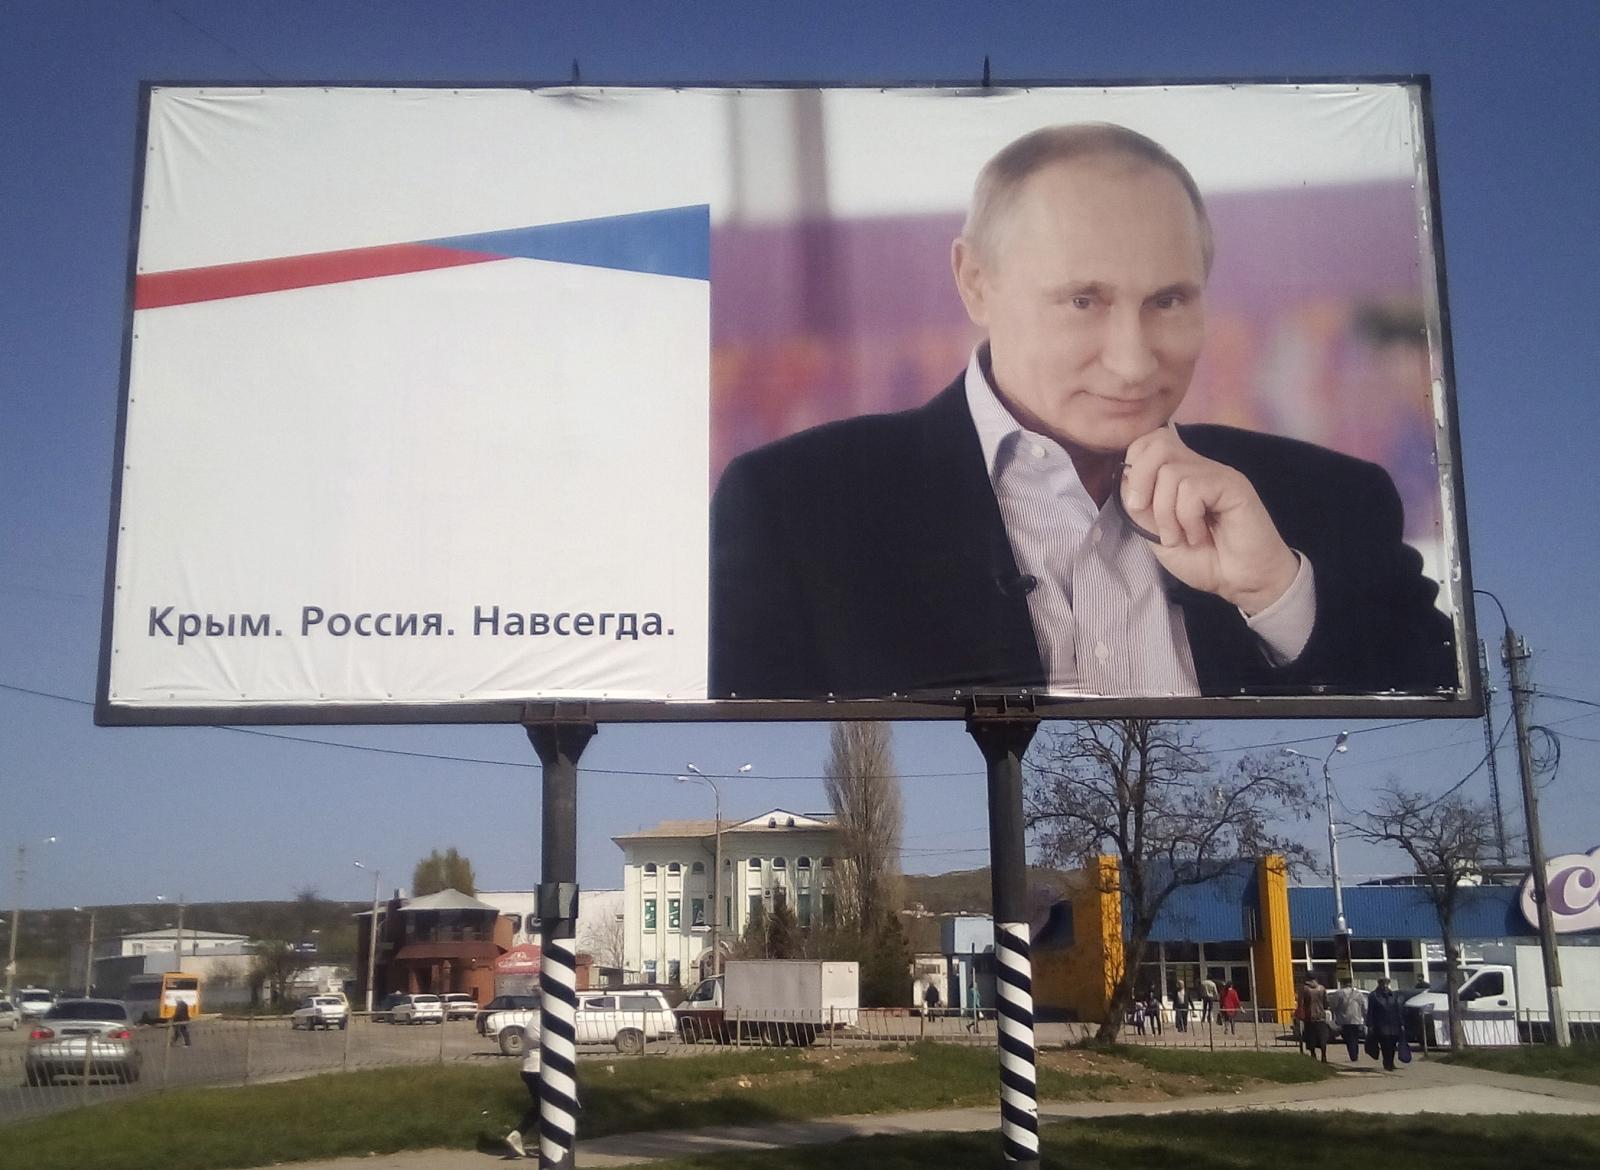 Crimea Russia